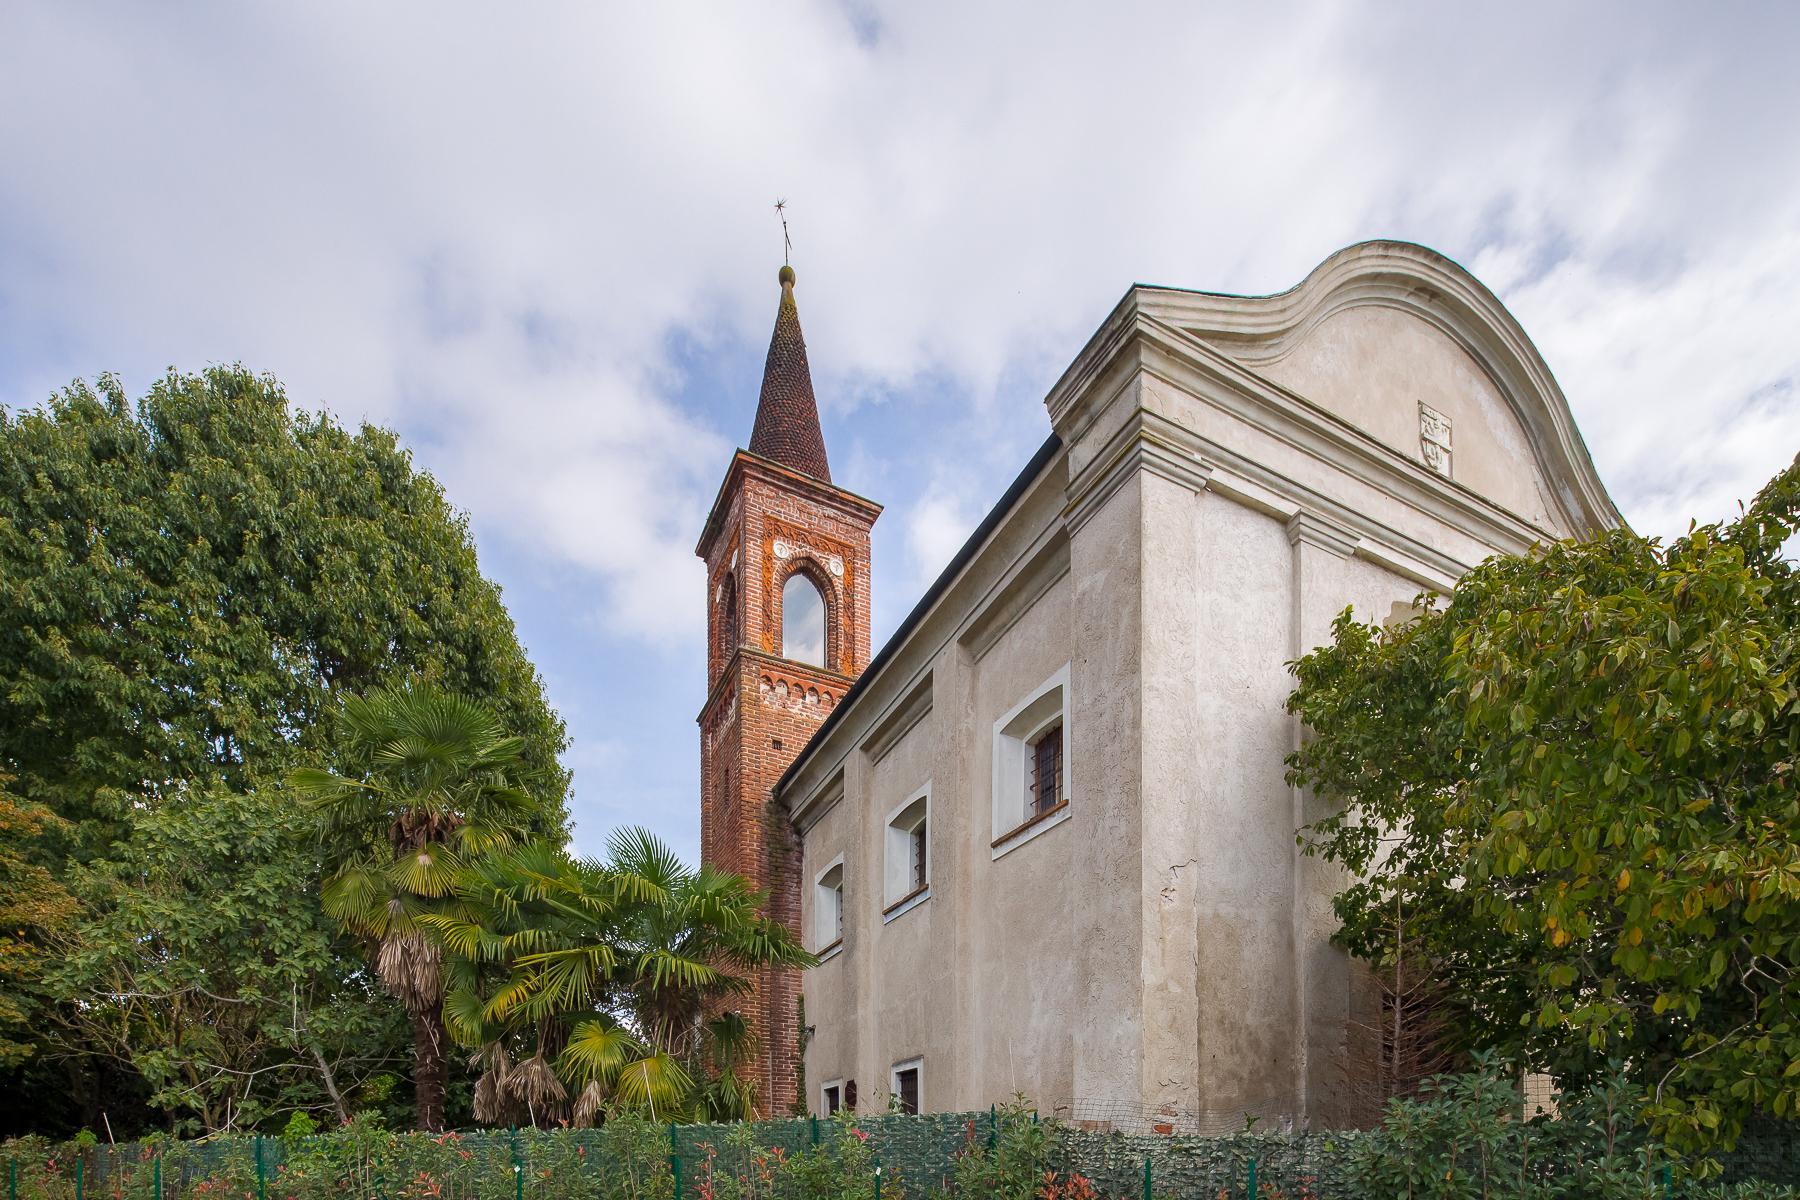 Storica chiesa sconsacrata, adibita ad abitazione, con giardino - 33